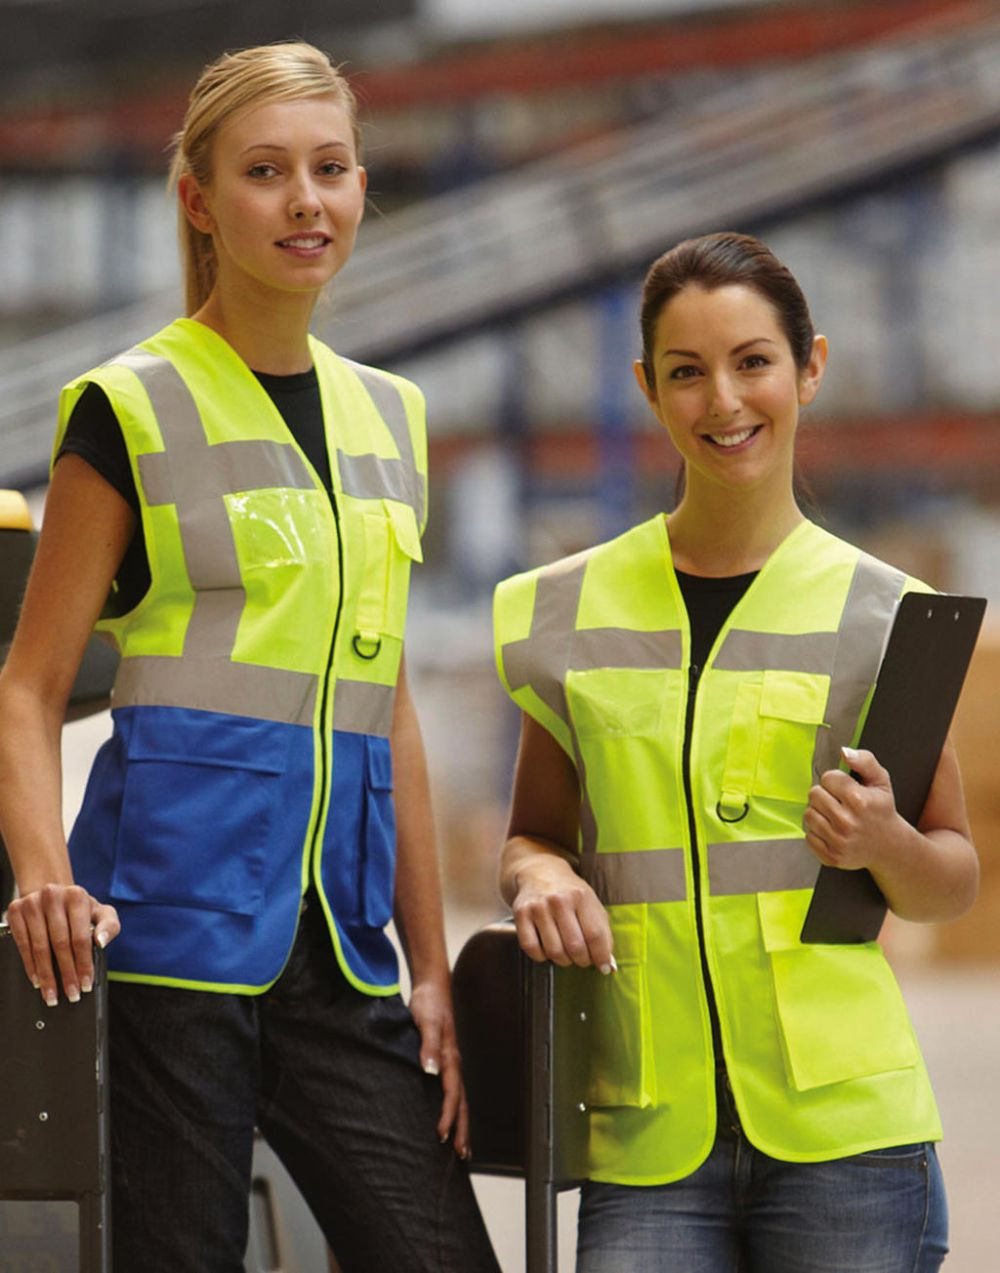 Chalecos reflectantes personalizados yoko de seguridad fluo para personalizar vista 7